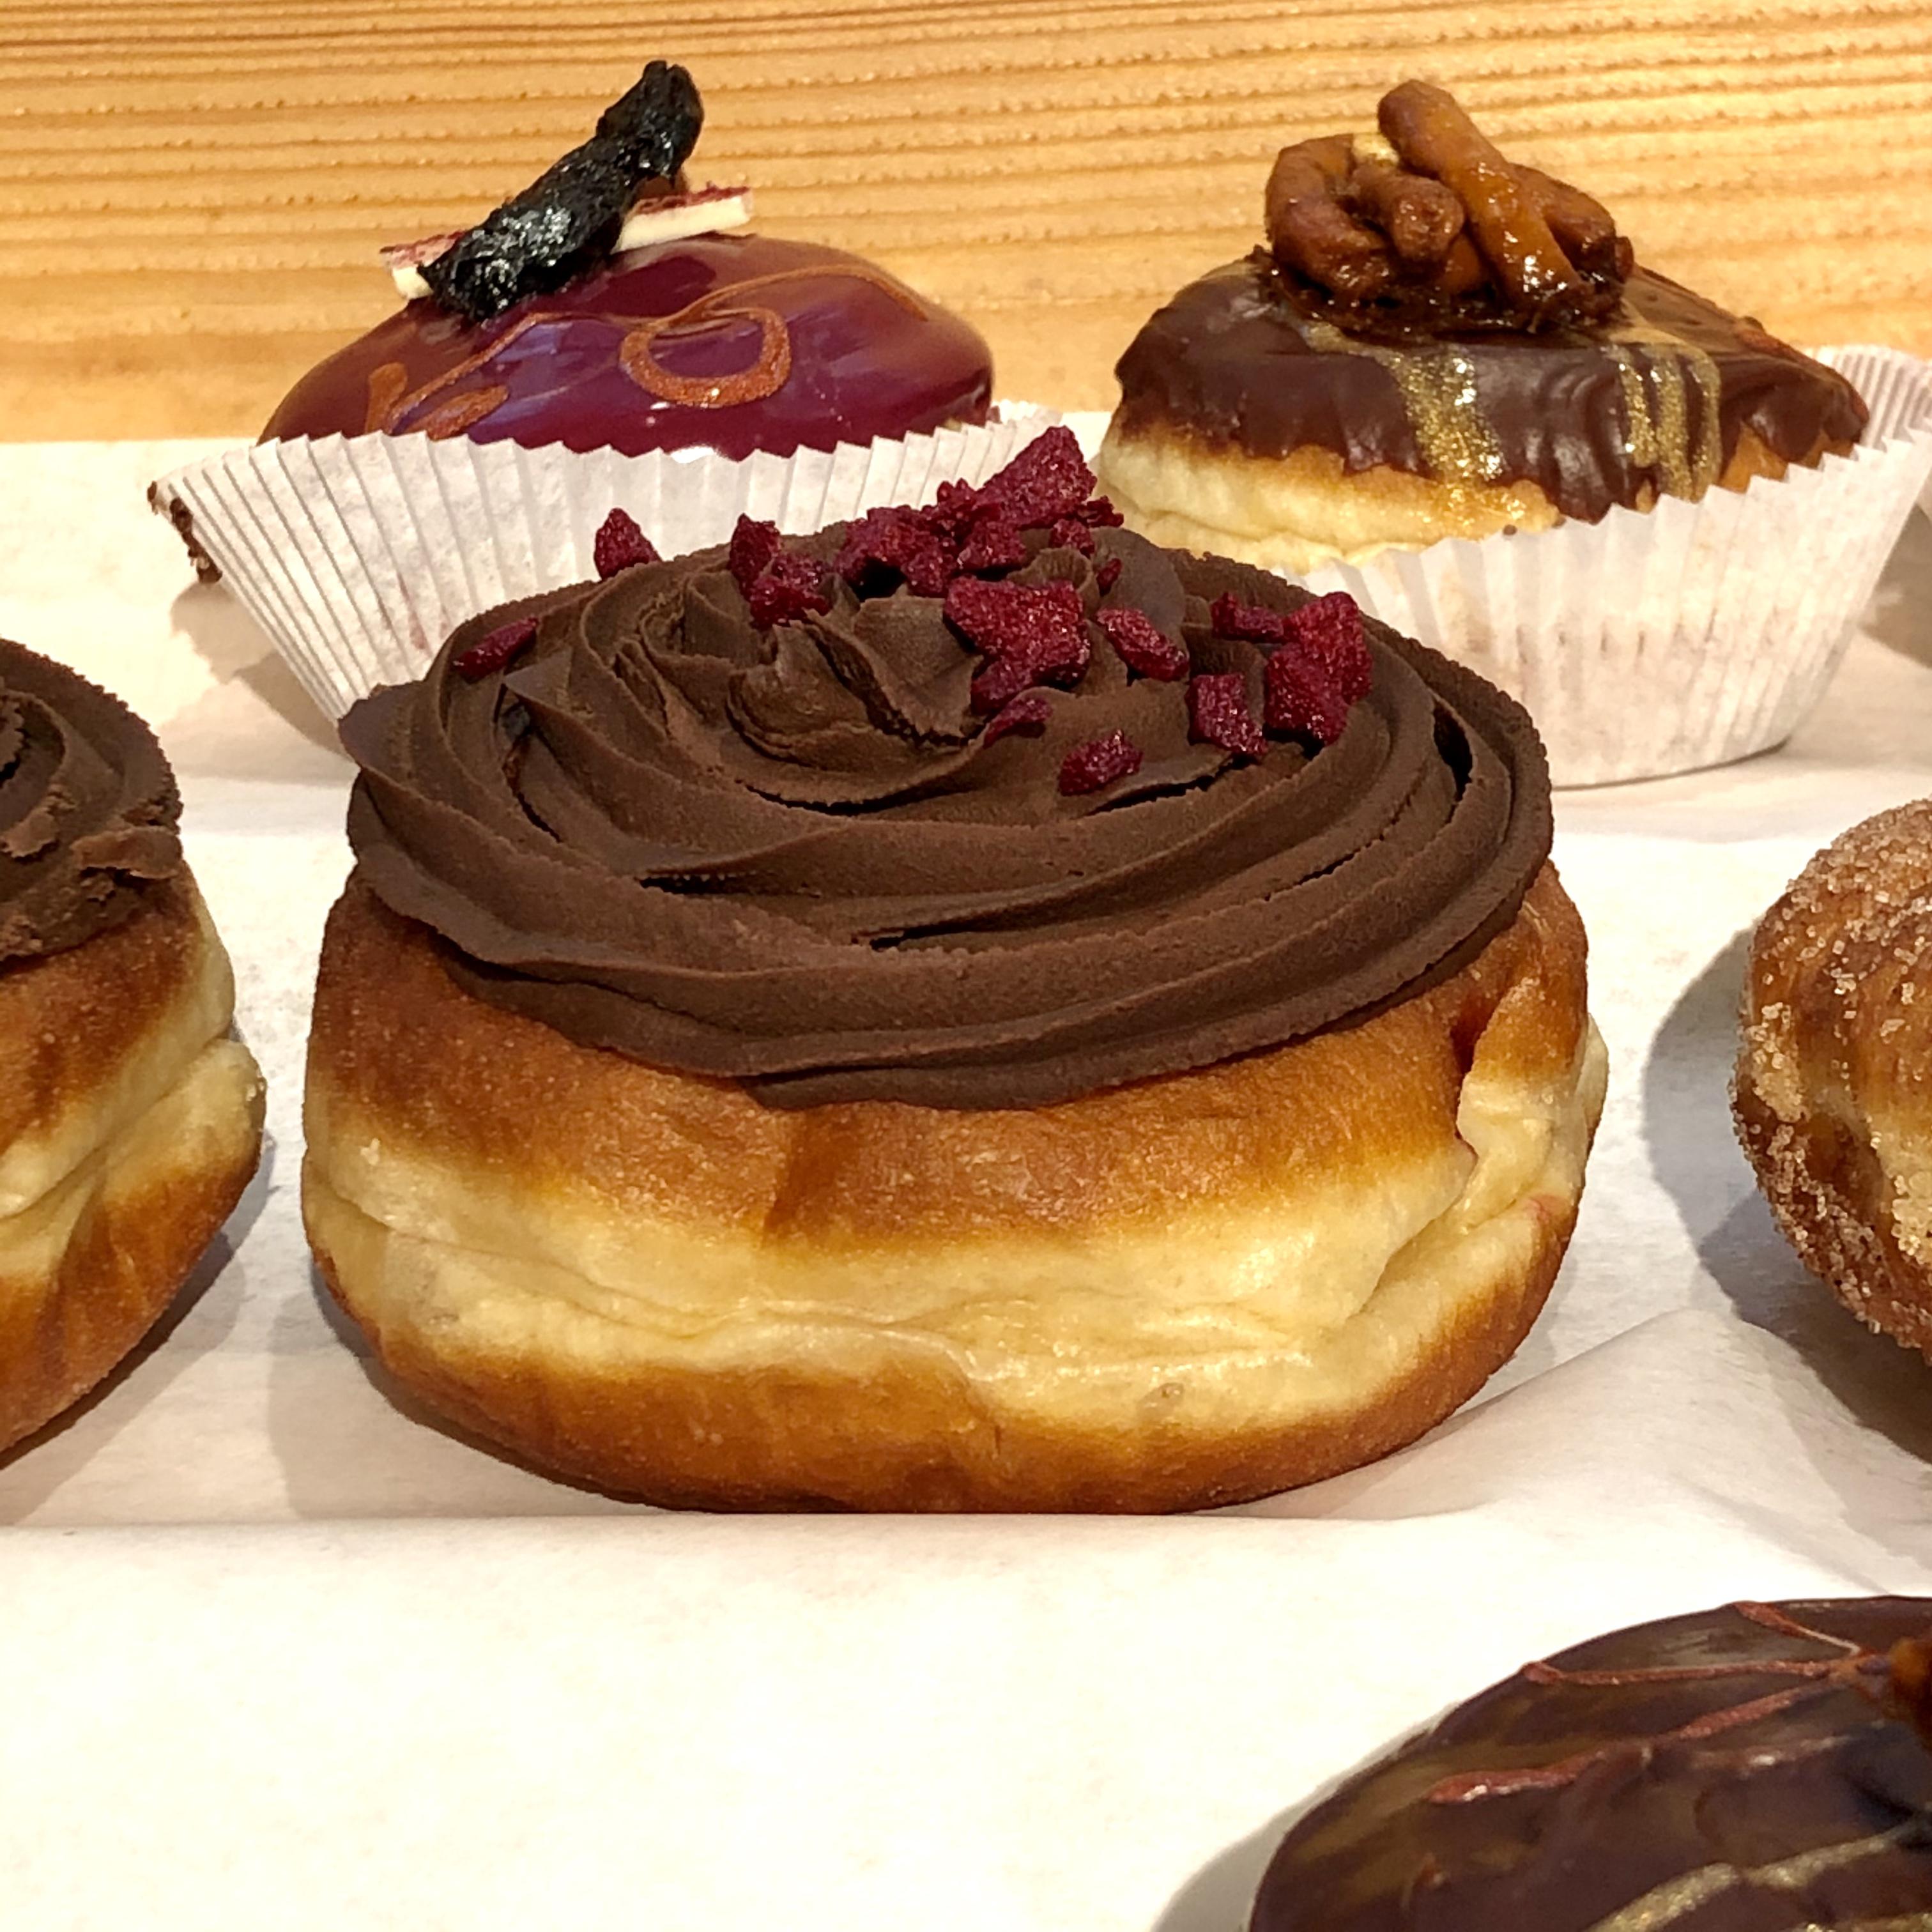 Raspberry Chocolate - Kurz: Fruchtige Himbeeremarmelade sieht dunkle Schokoladen Ganache, verliebt sich Kern über Kopf und ... BAM! Rasputin